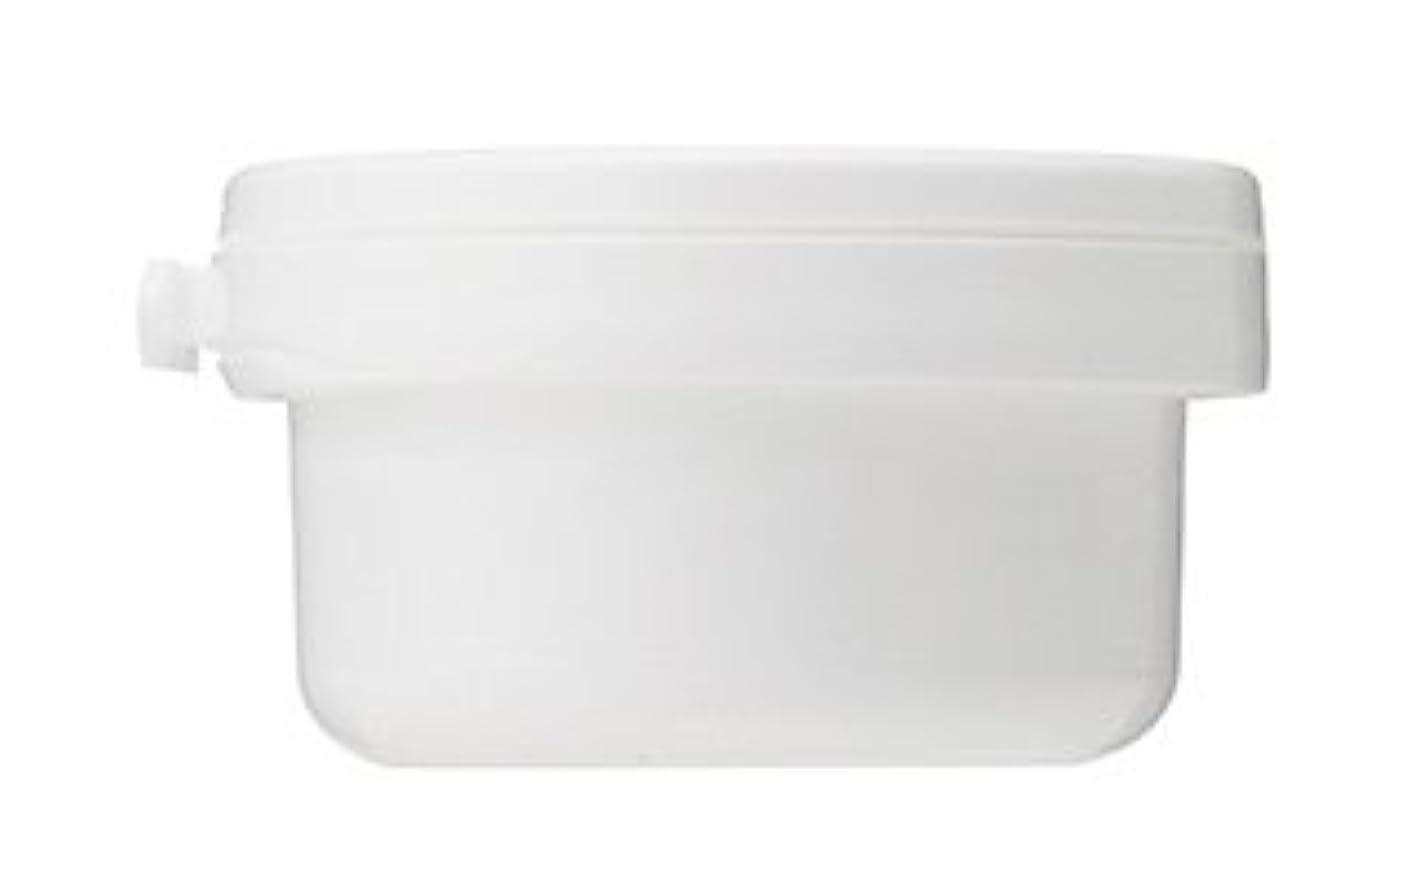 雑品マント問い合わせインナップEX 保湿クリーム詰め替え用 (潤い効果アップ) モイスチャークリーム MD レフィル [弱酸性]